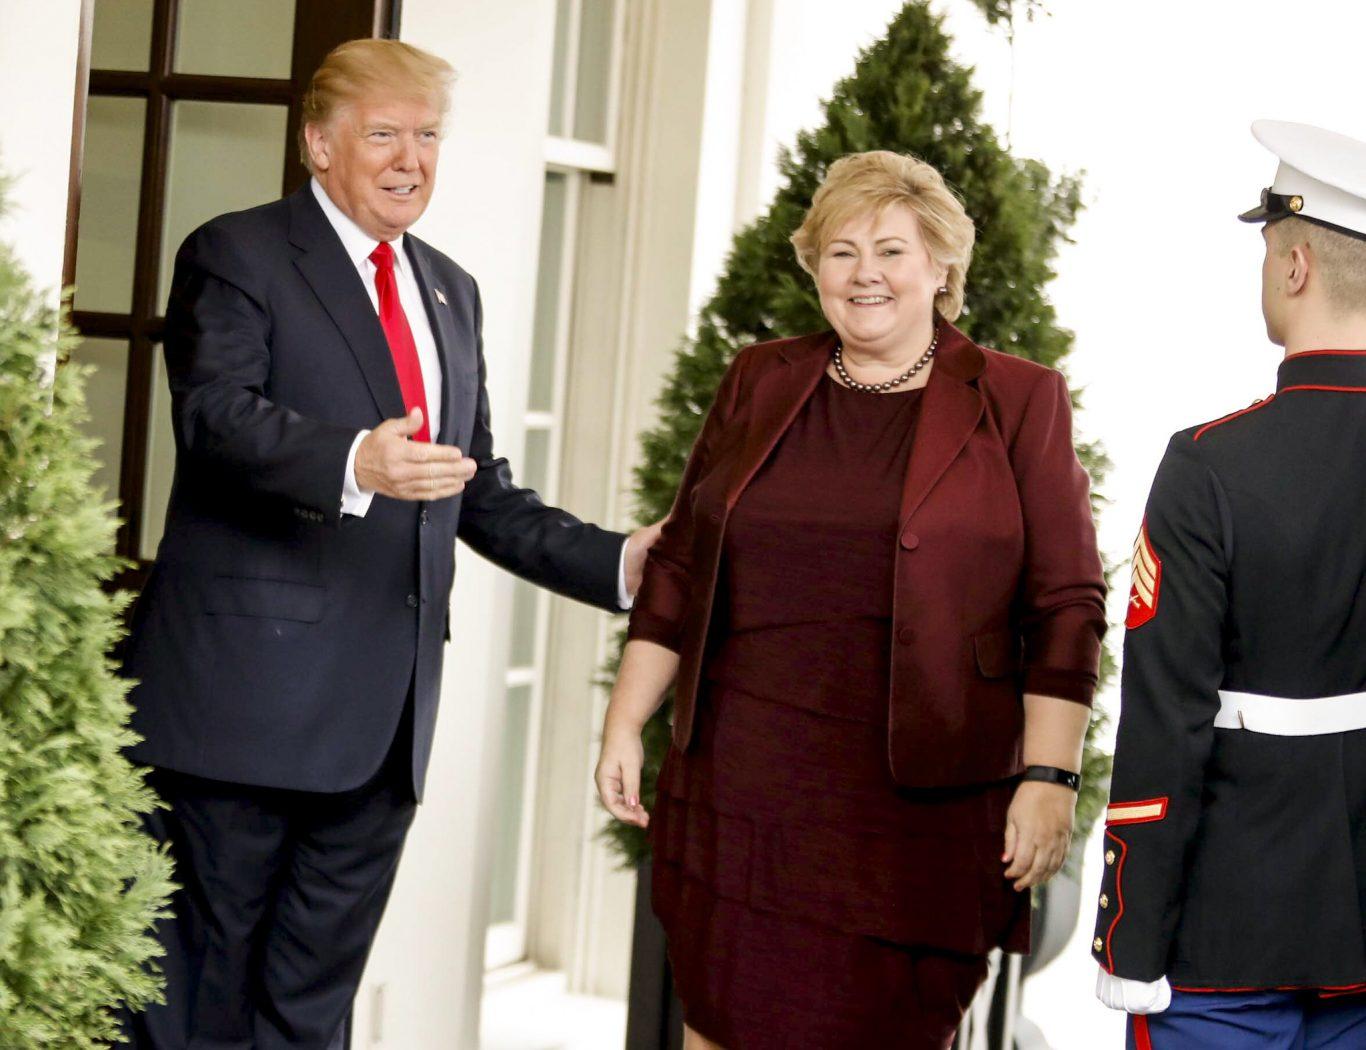 Statsminister Erna Solberg møter USAs president Donald Trump i Det hvite hus i 2018. Foto: Stein J. Bjørge/Aftenposten (SMK)